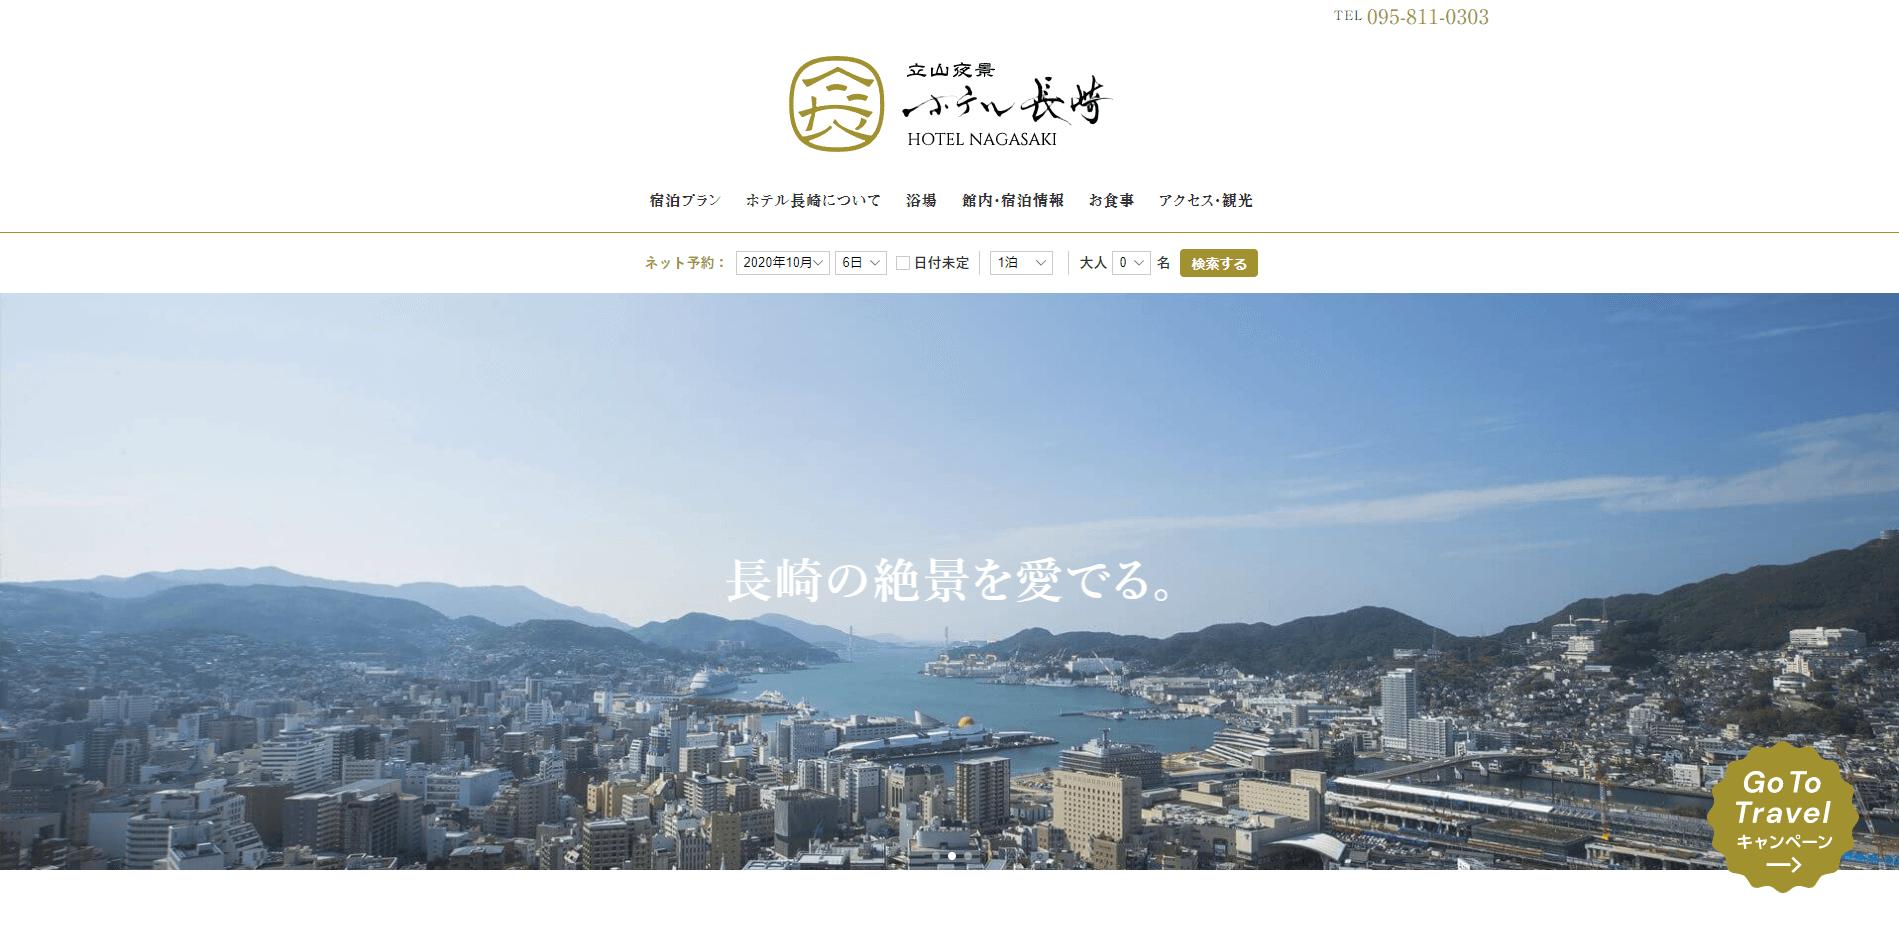 ホテル長崎の画像1